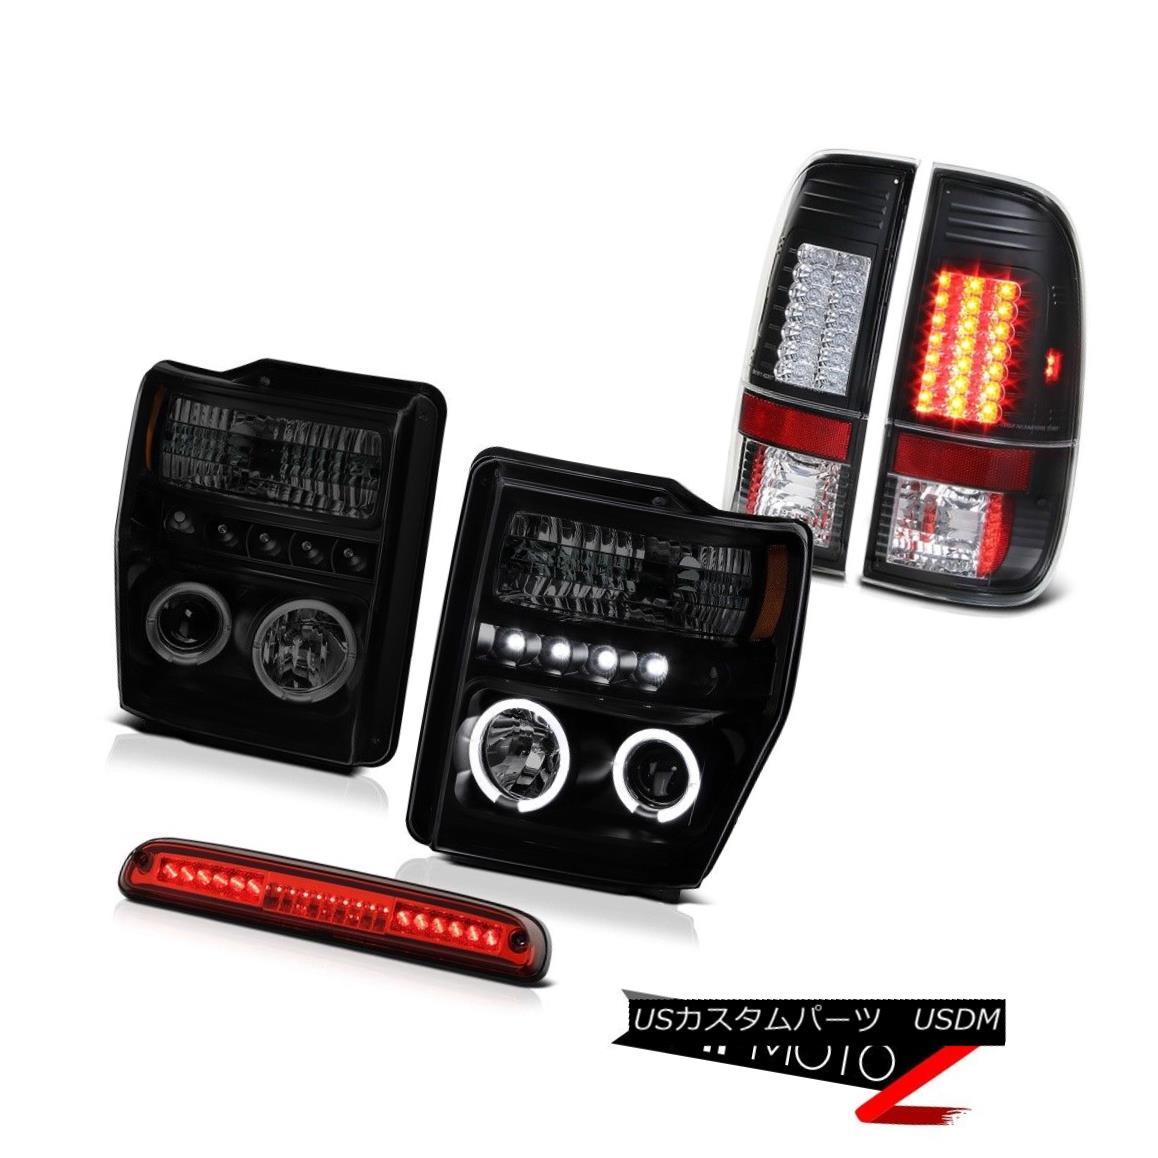 テールライト Headlights Projector Halo LED Roof Brake Red Black Taillights 08-10 Ford F250 SD ヘッドライトプロジェクターHalo LED屋根用ブレーキレッドブラックテールライト08-10 Ford F250 SD